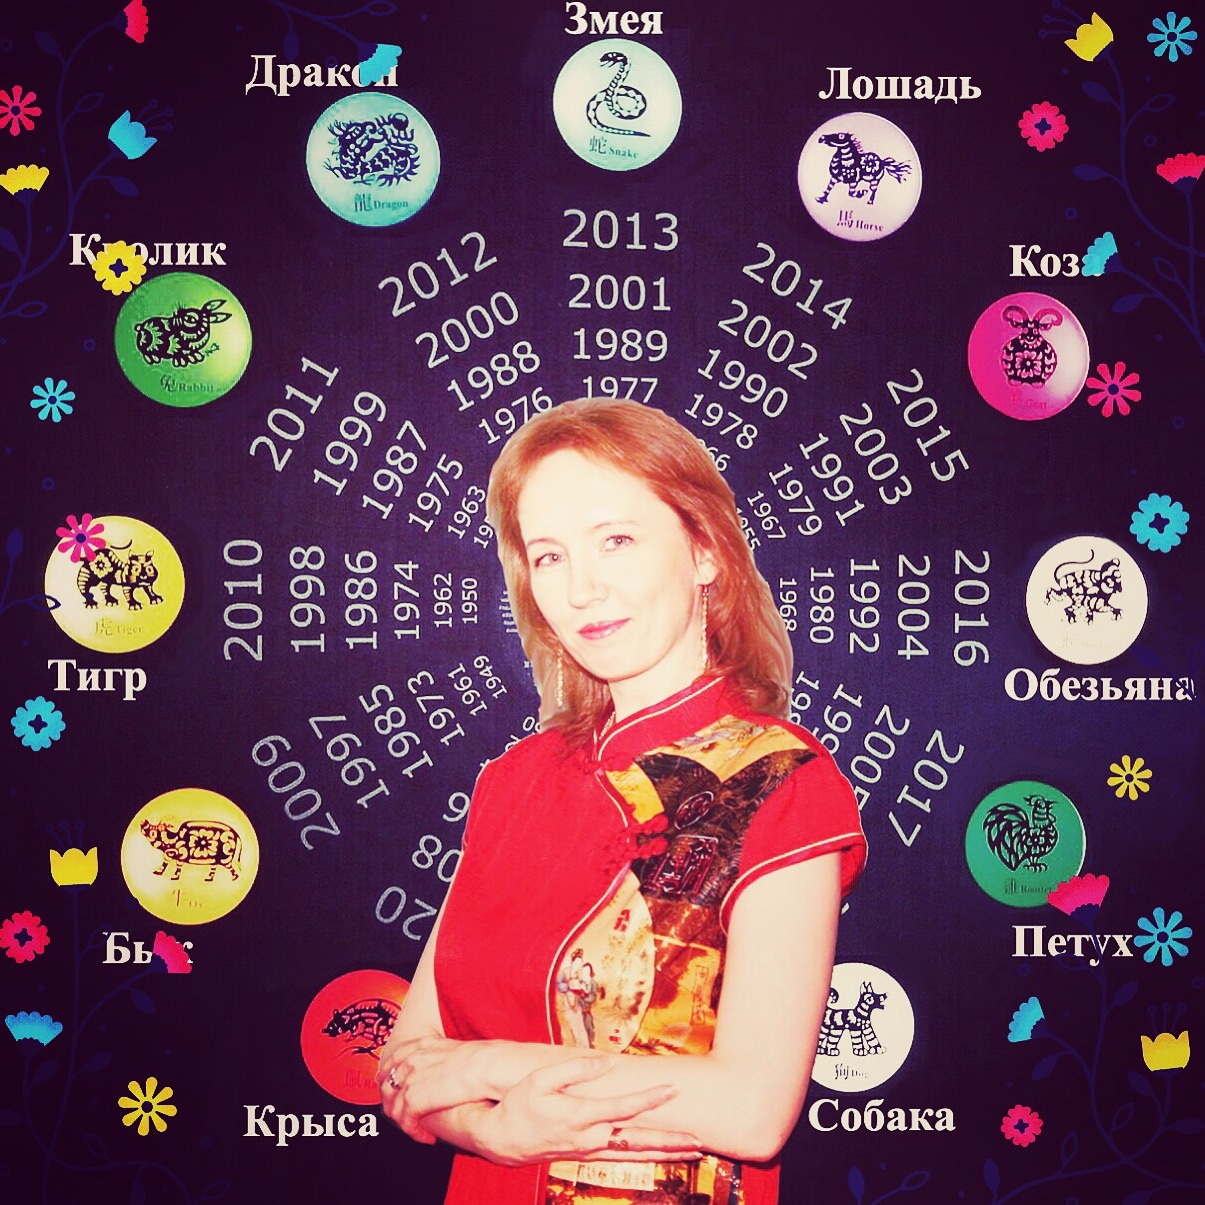 Милана Минаева - Астрология - Fengshuimaster.ru